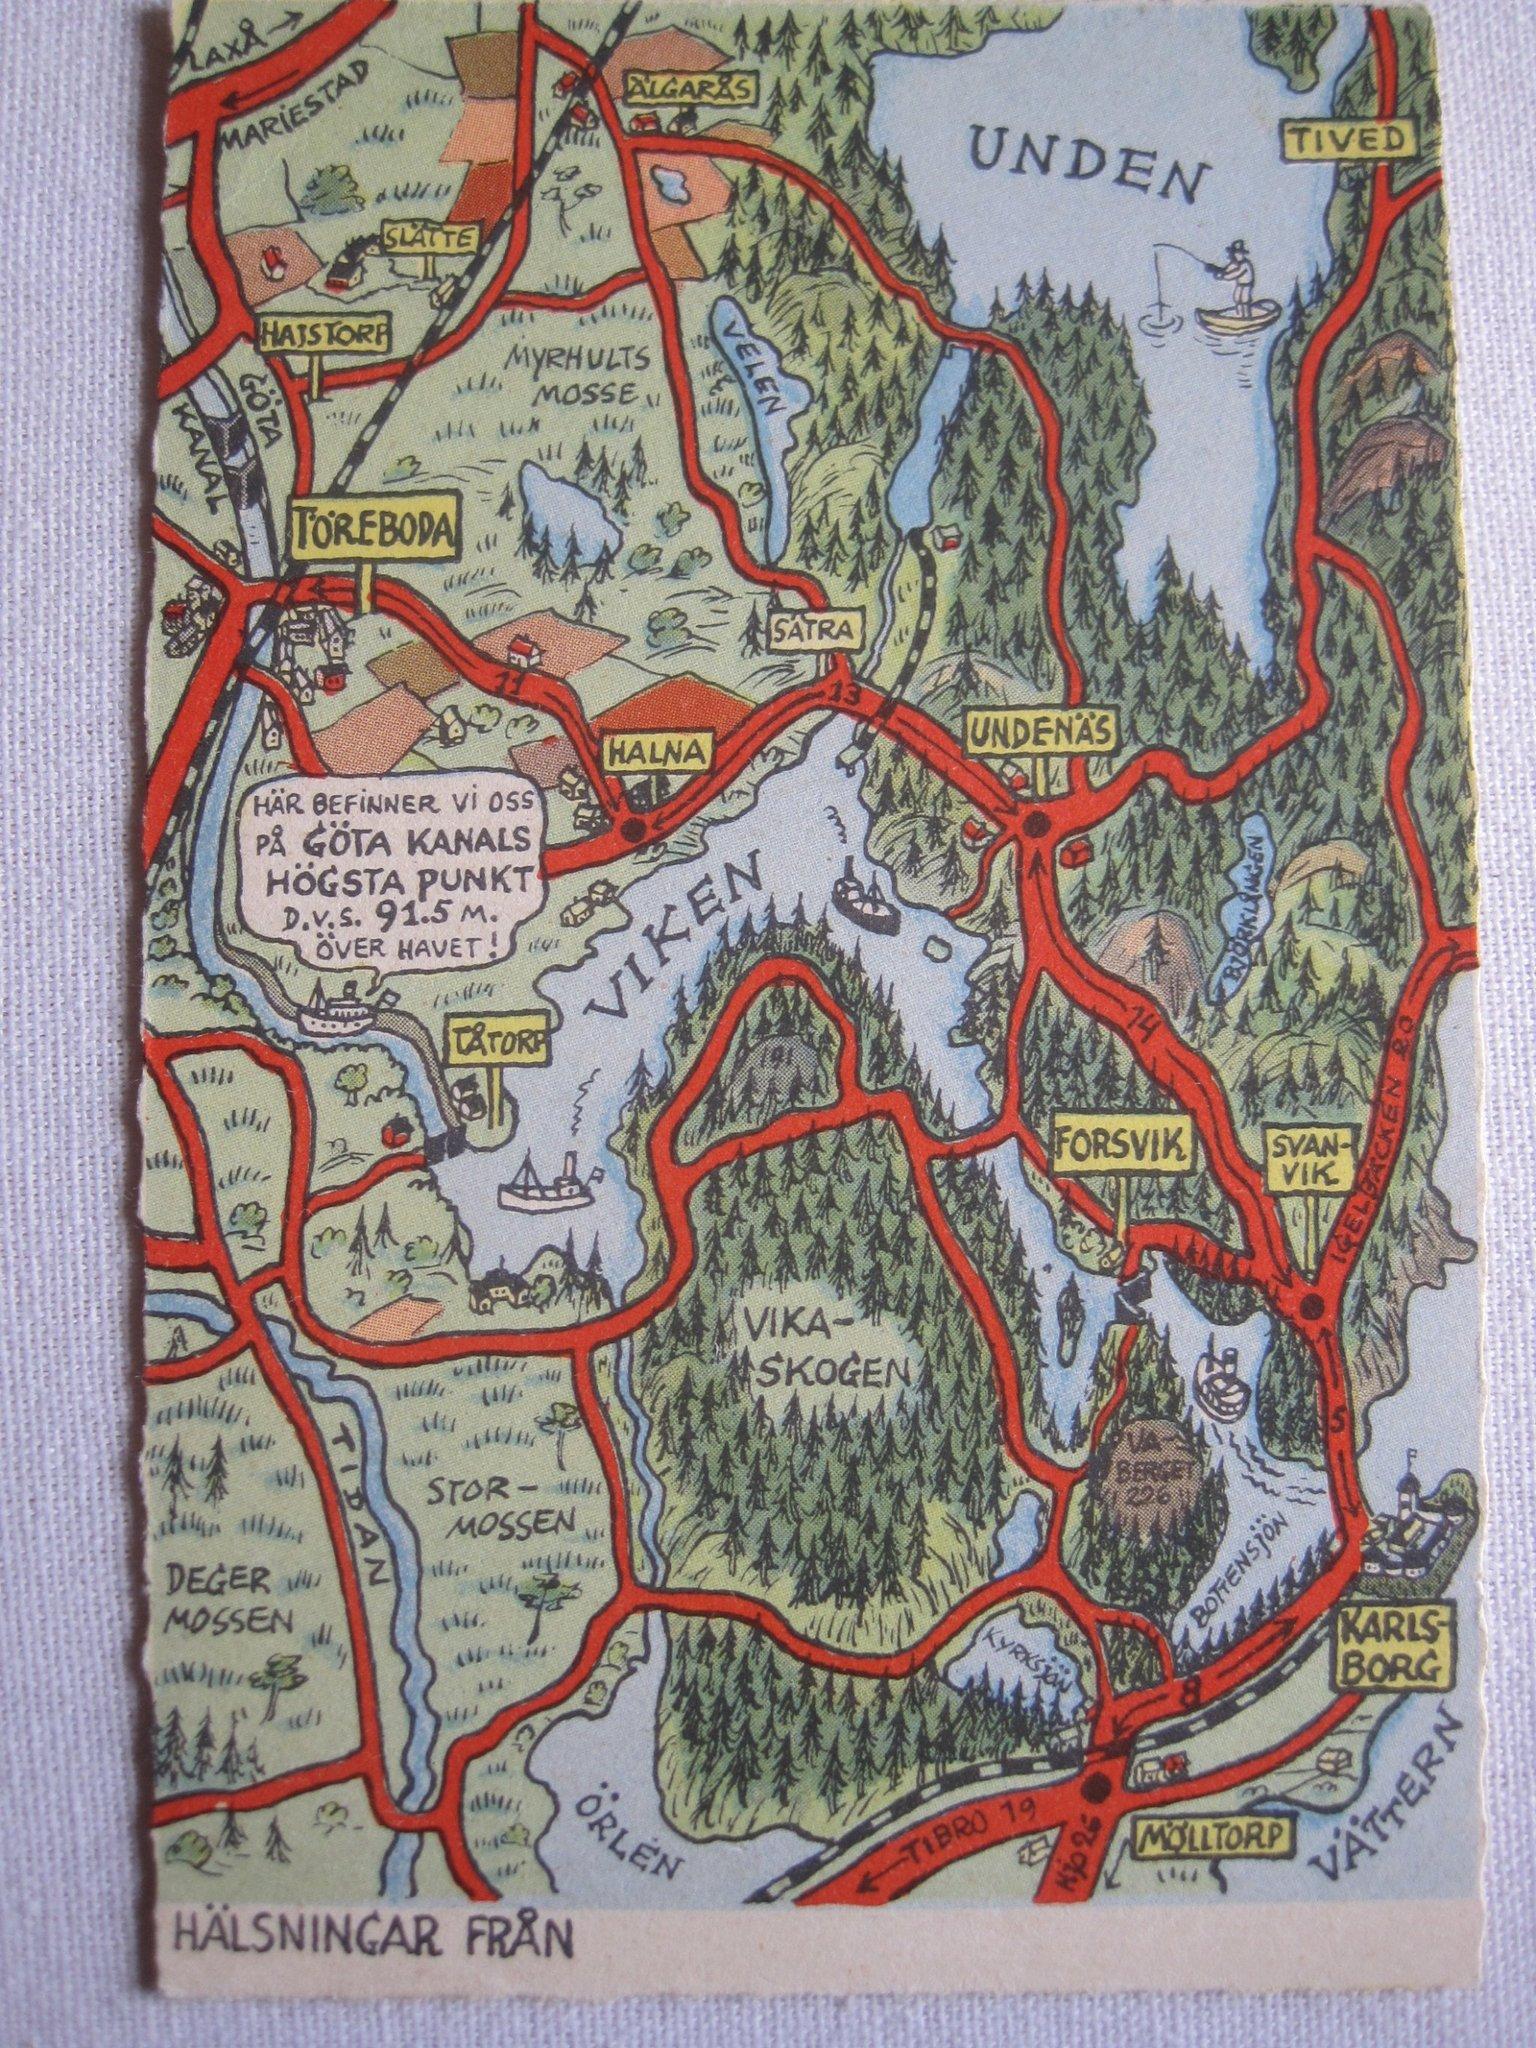 Kart Kort Nr 60 Toreboda Karlsborg Gota Kanal S 392963692 ᐈ